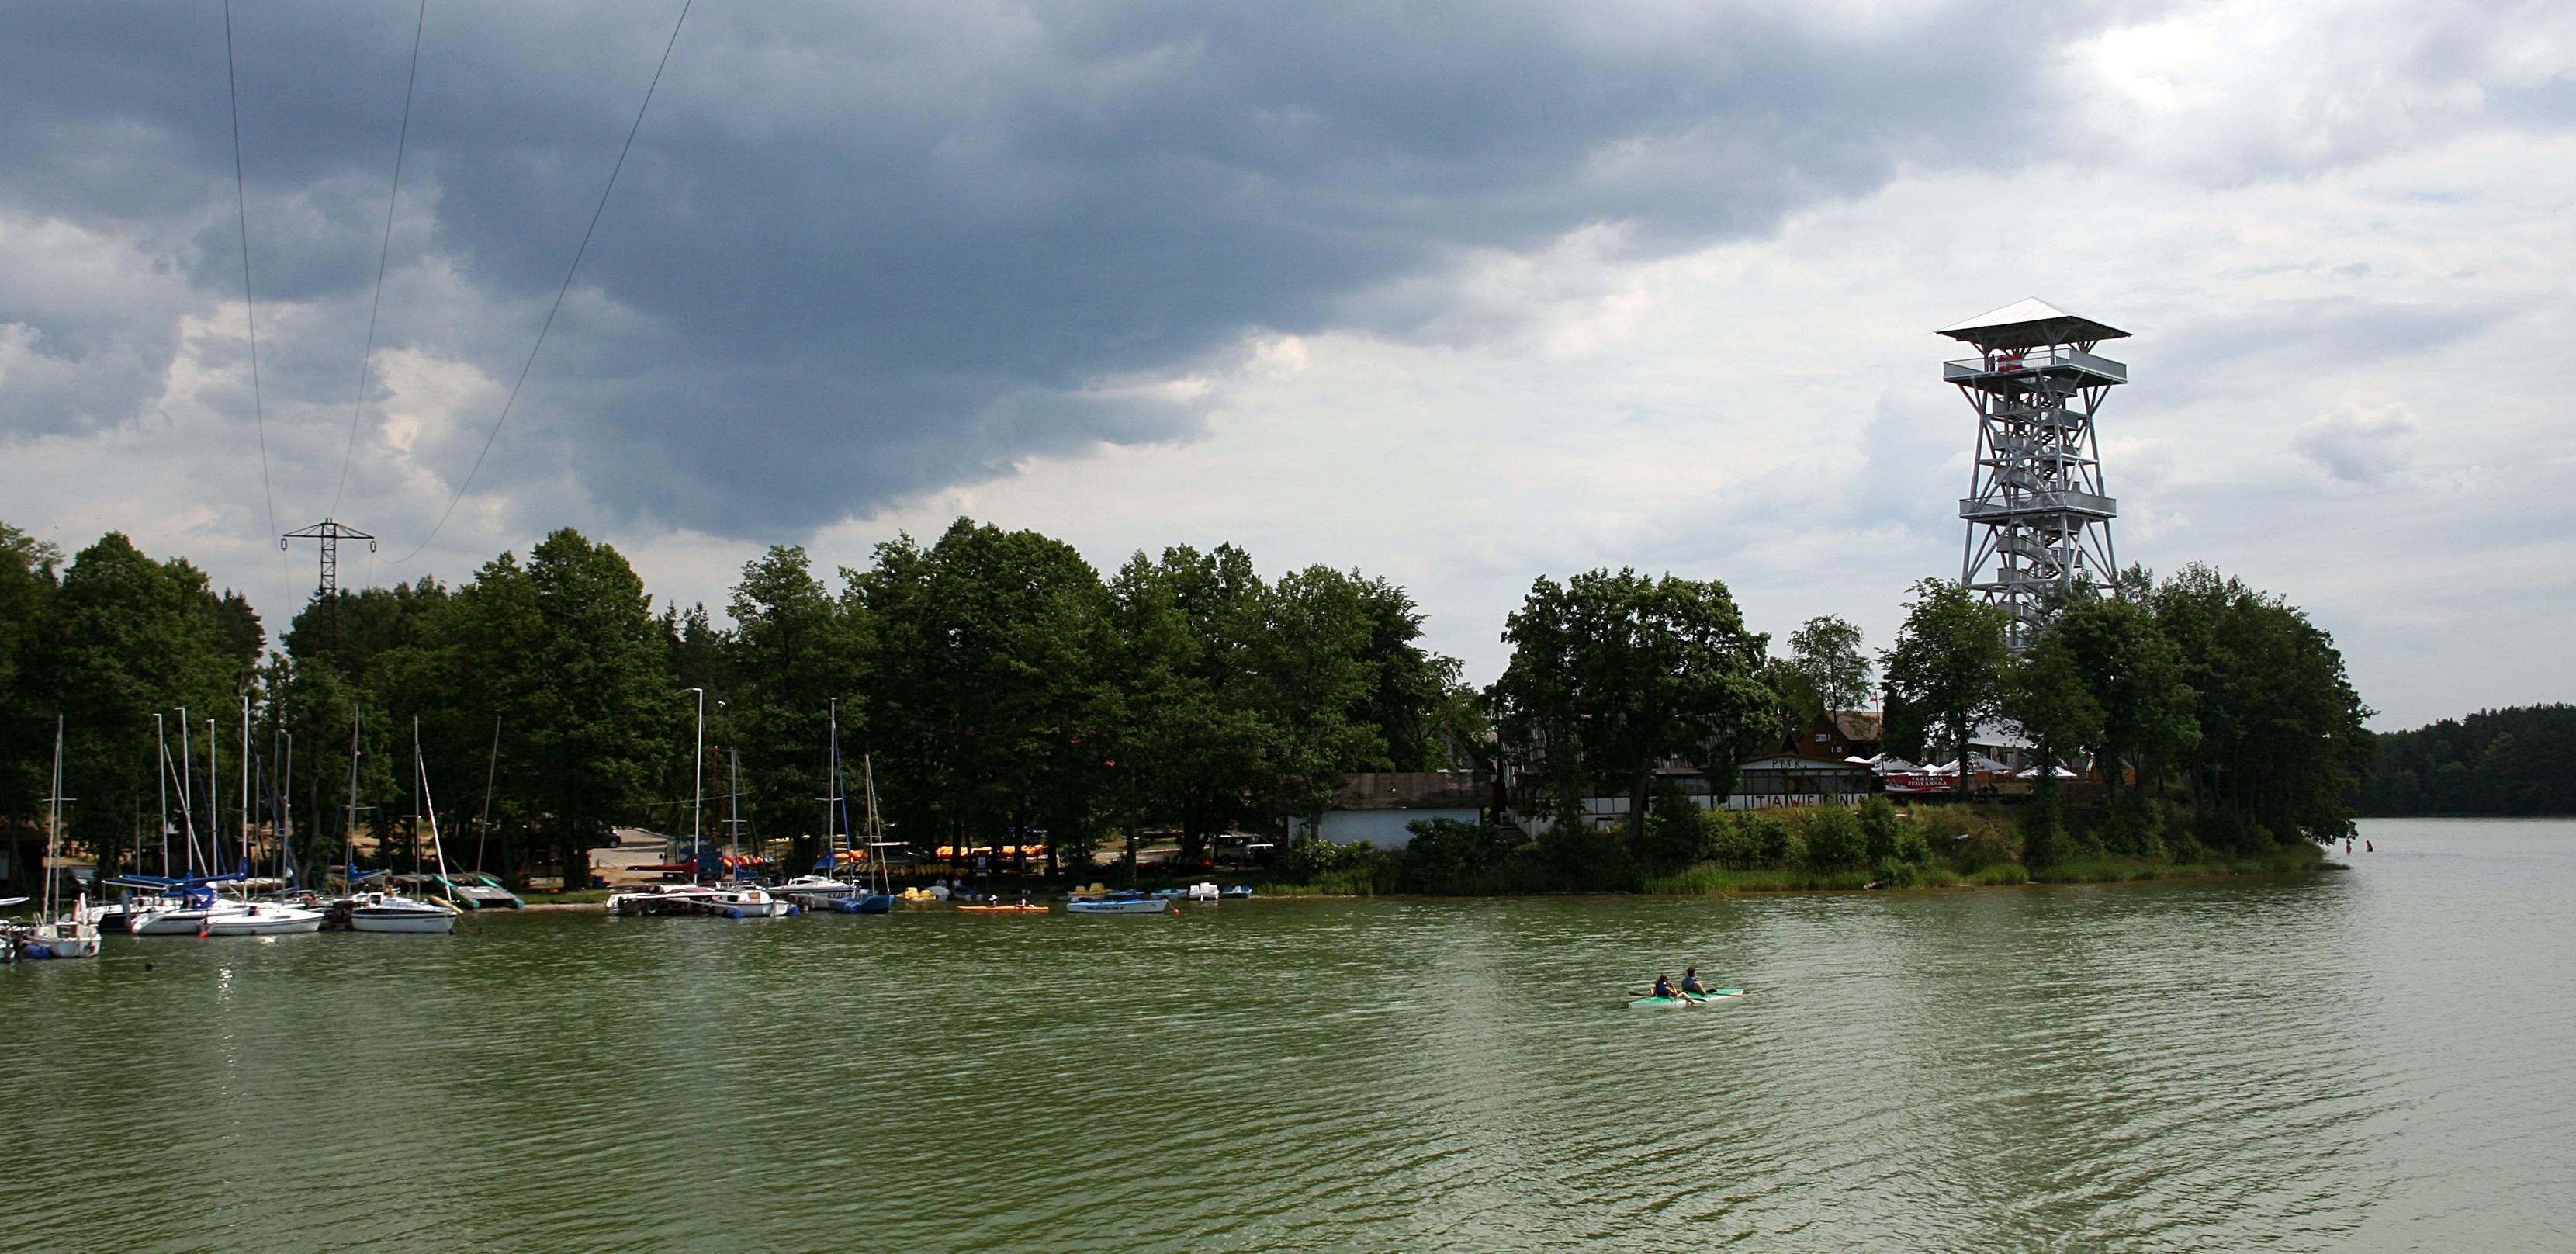 Styk jezior Jelenie x Gołuń punkt widokowy